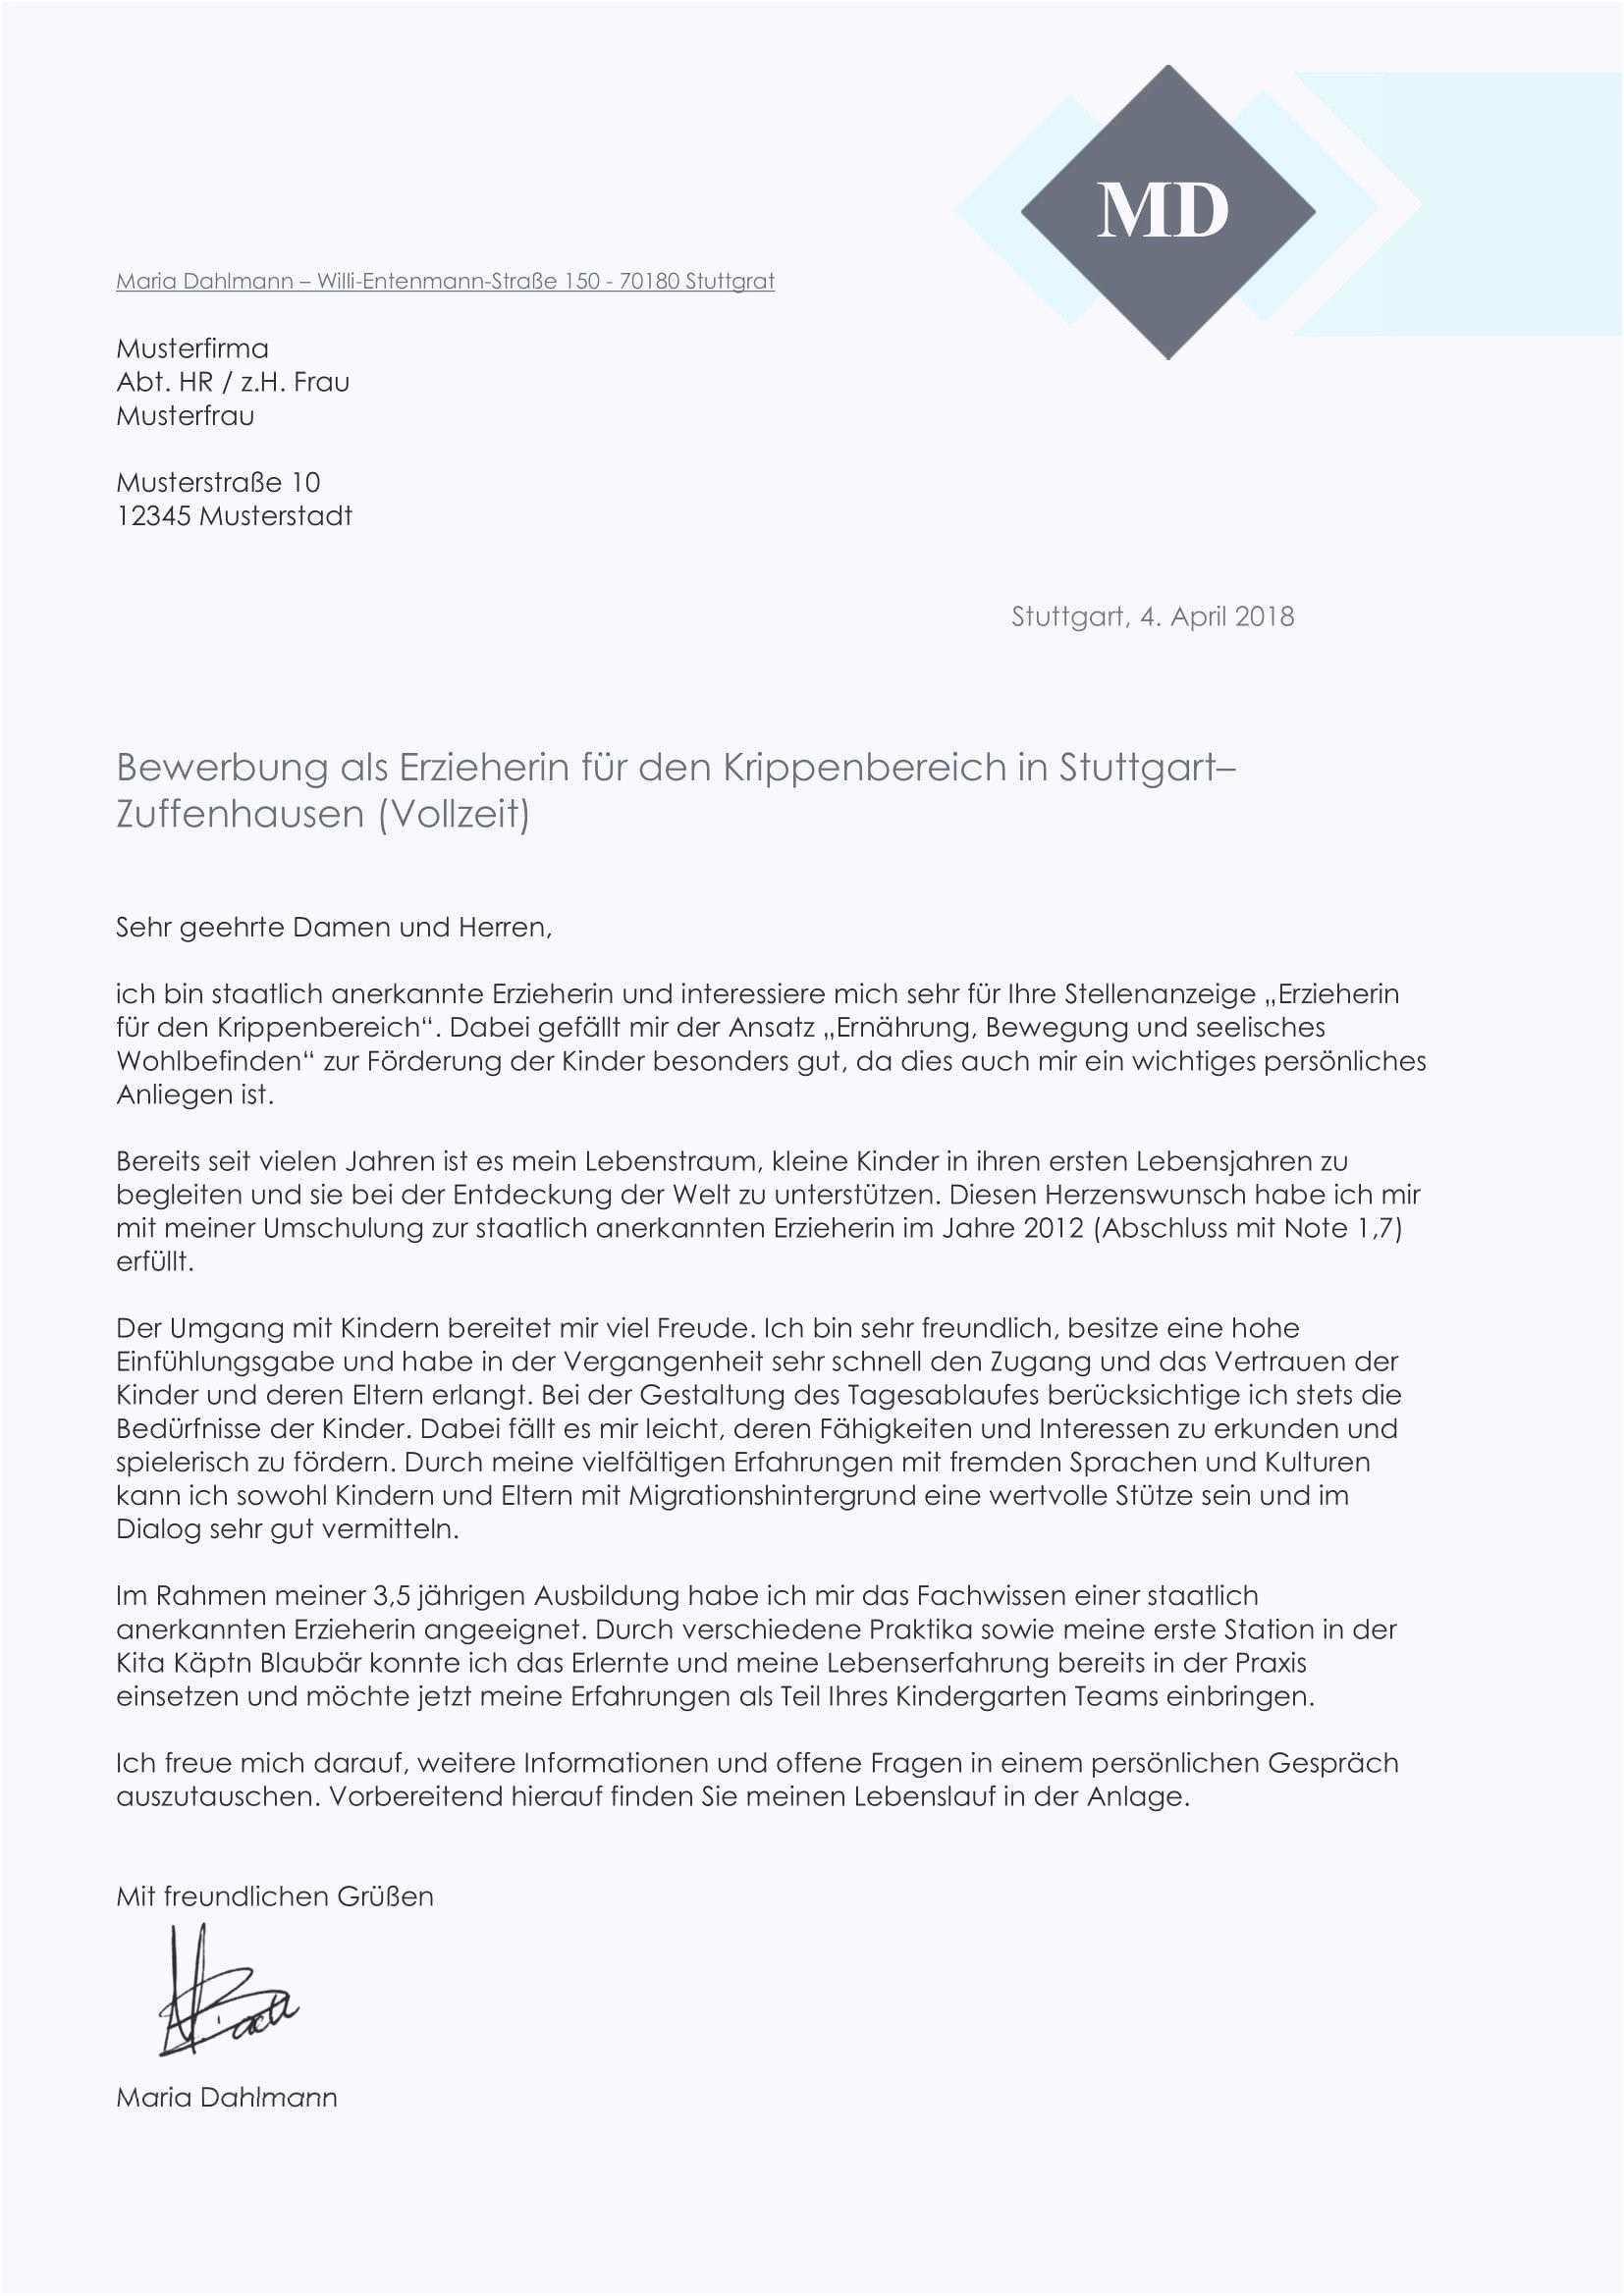 Pin Von Ulla Weinbuch Auf Bildung In 2020 Bewerbung Als